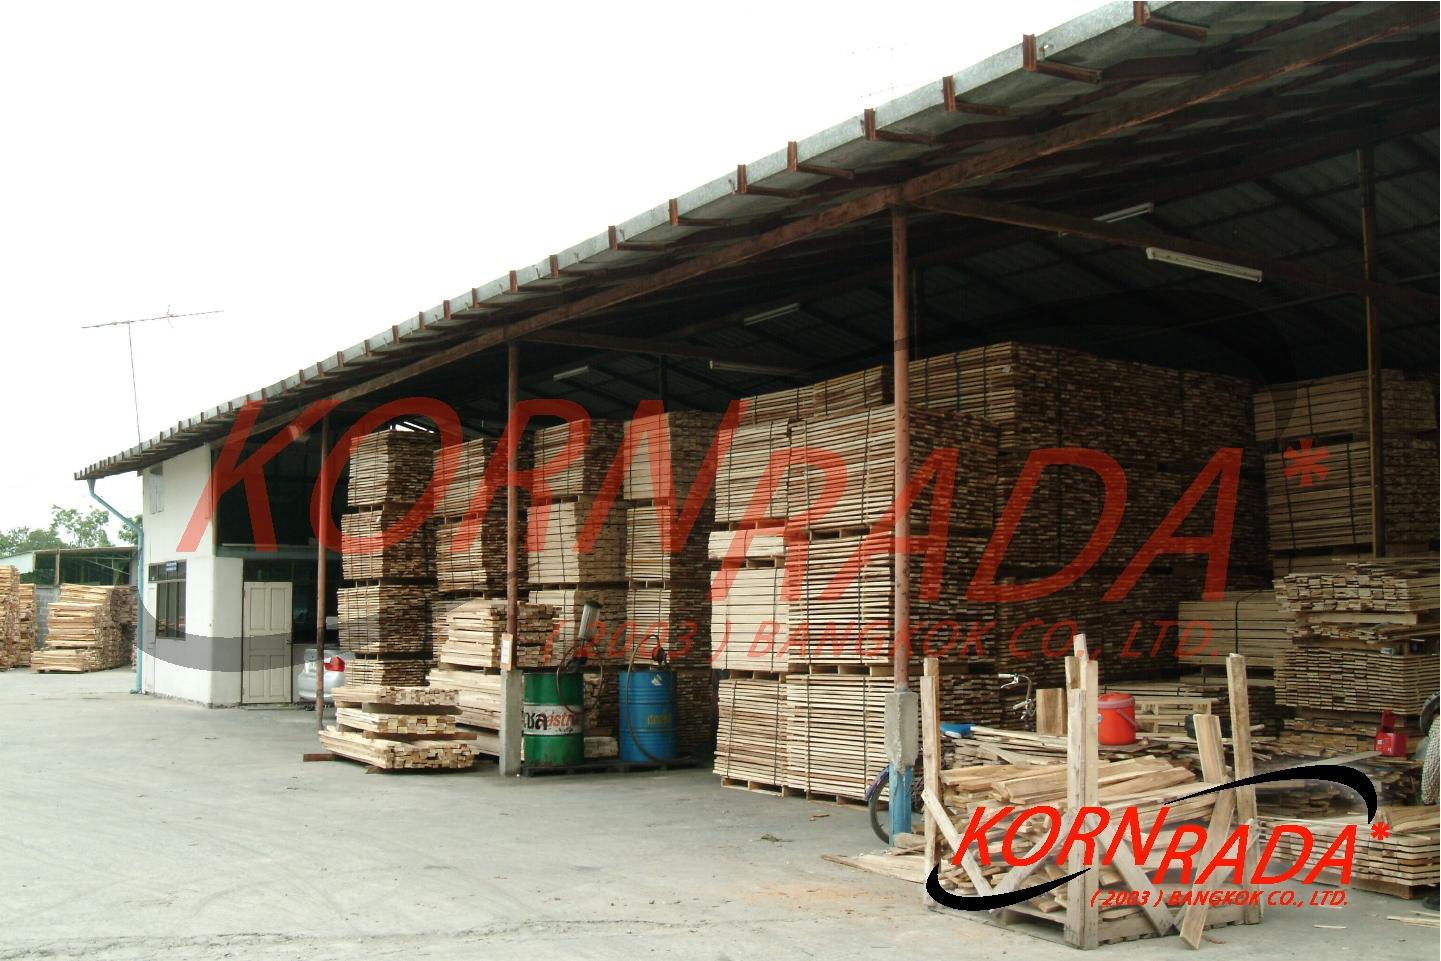 kornrada_factory_1683